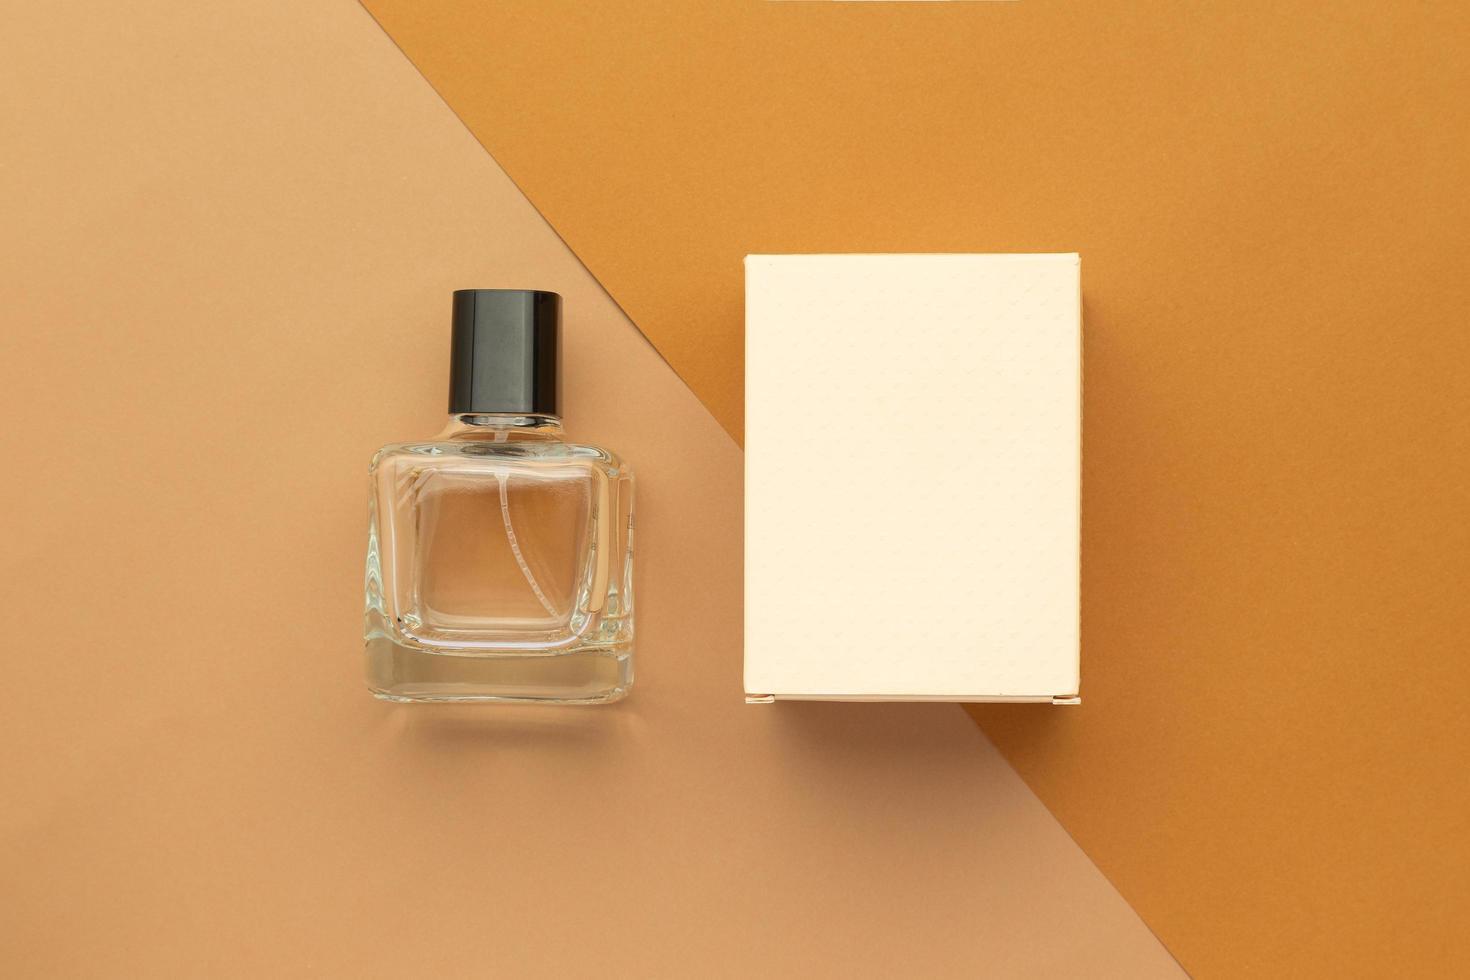 modello di mockup di bottiglia e scatola di profumo su sfondo beige foto